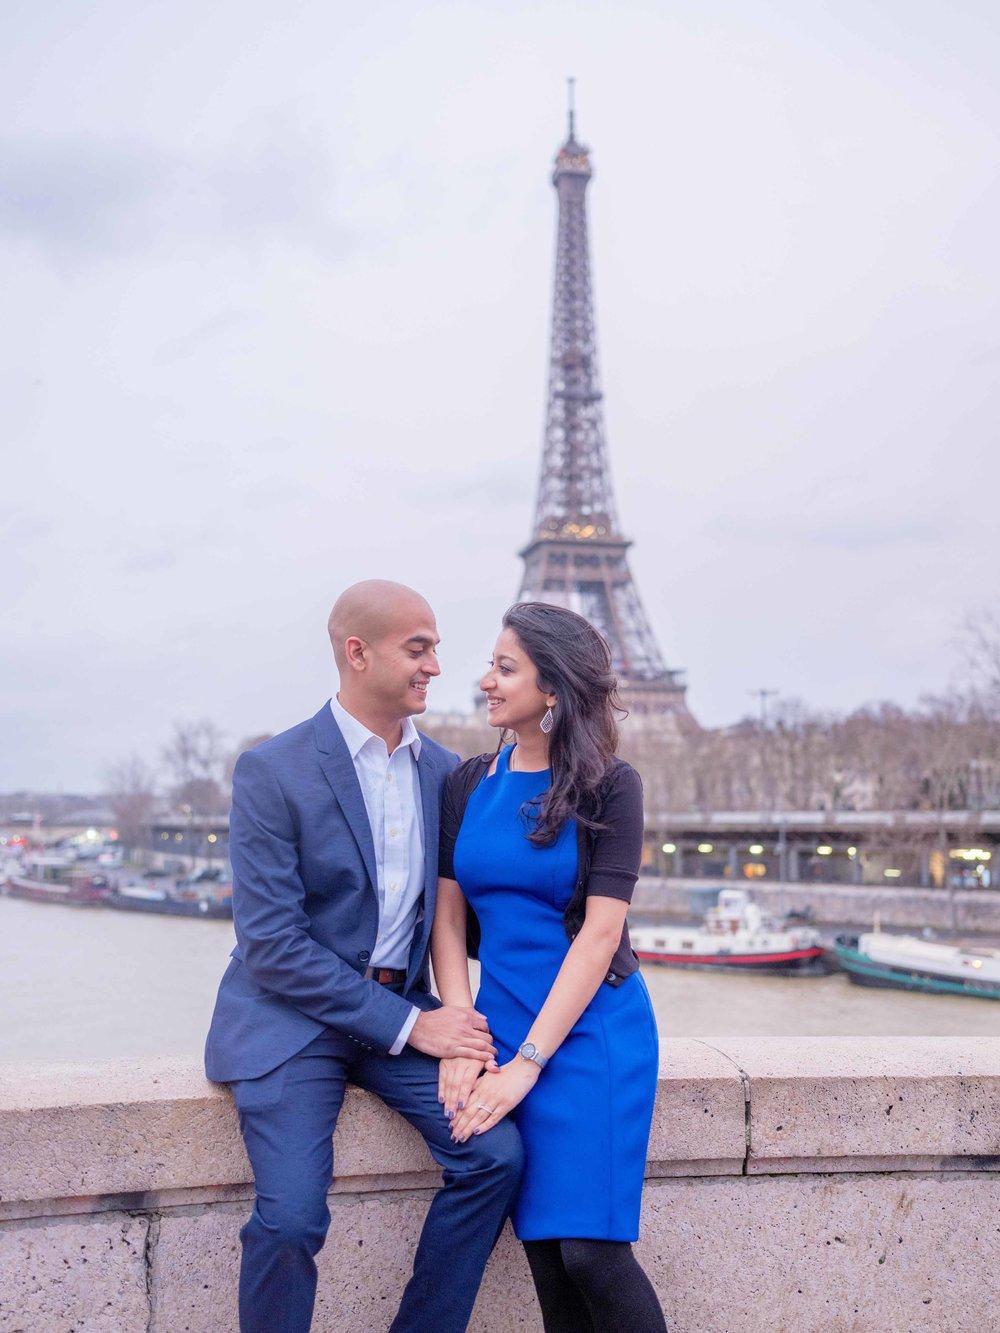 paris surprise proposal eiffel tower